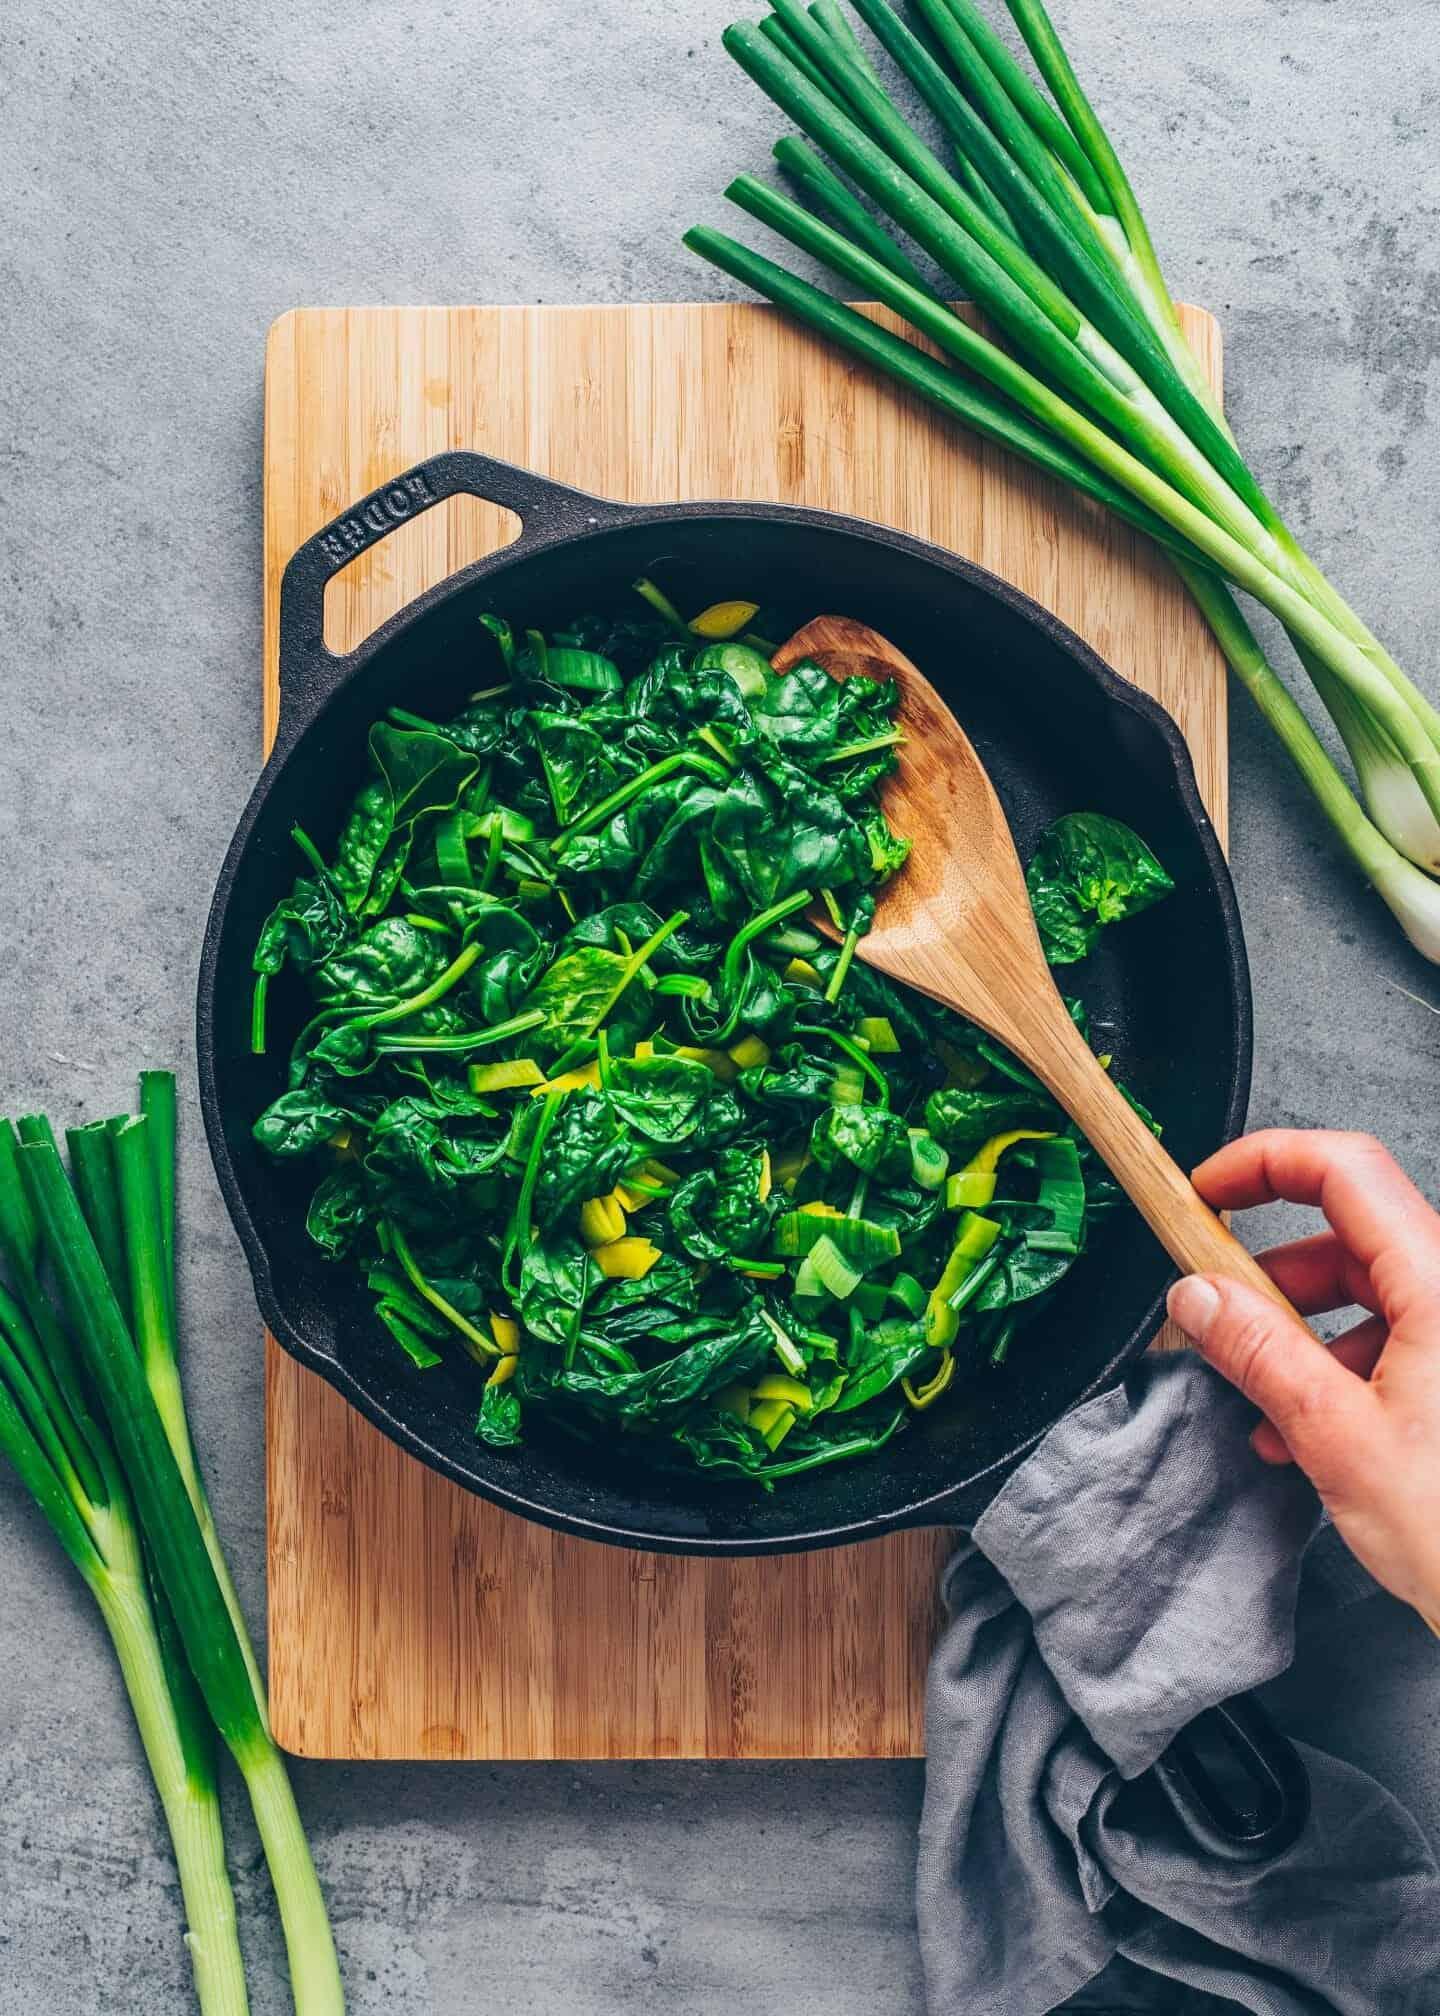 Spinat Quiche mit knusprigem Mürbeteig. Cremig, käsig und lecker. Schnelle Vegane Quiche Rezept ohne Eier mit Tofu . Nur 10 Minuten Zubereitungszeit. Herzhaftes Frühstück, zum Brunch, Mittagessen, Abendessen.